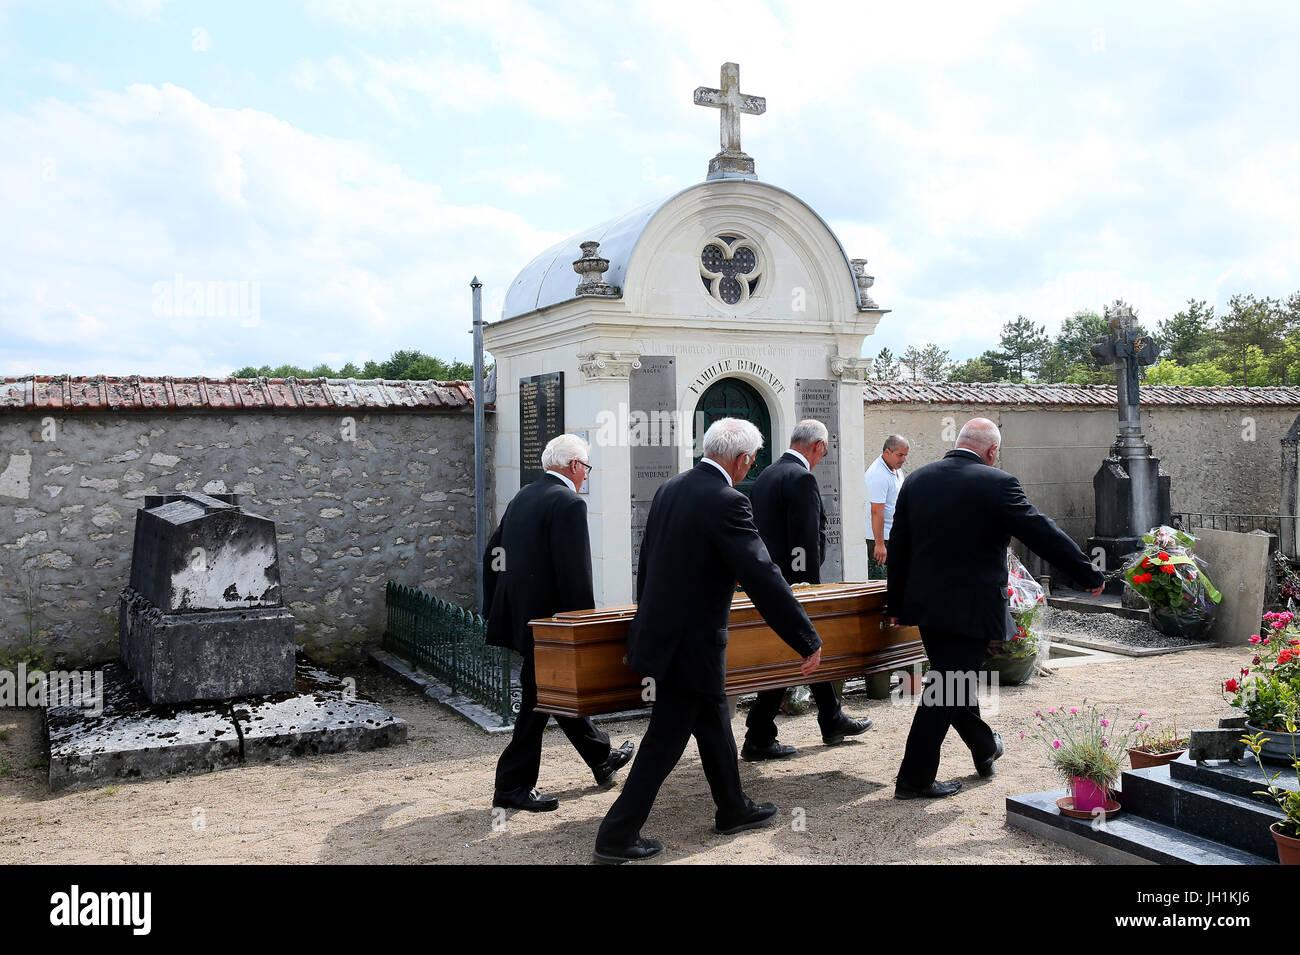 Il cimitero. Funerale. Bara vettori. La Francia. Immagini Stock